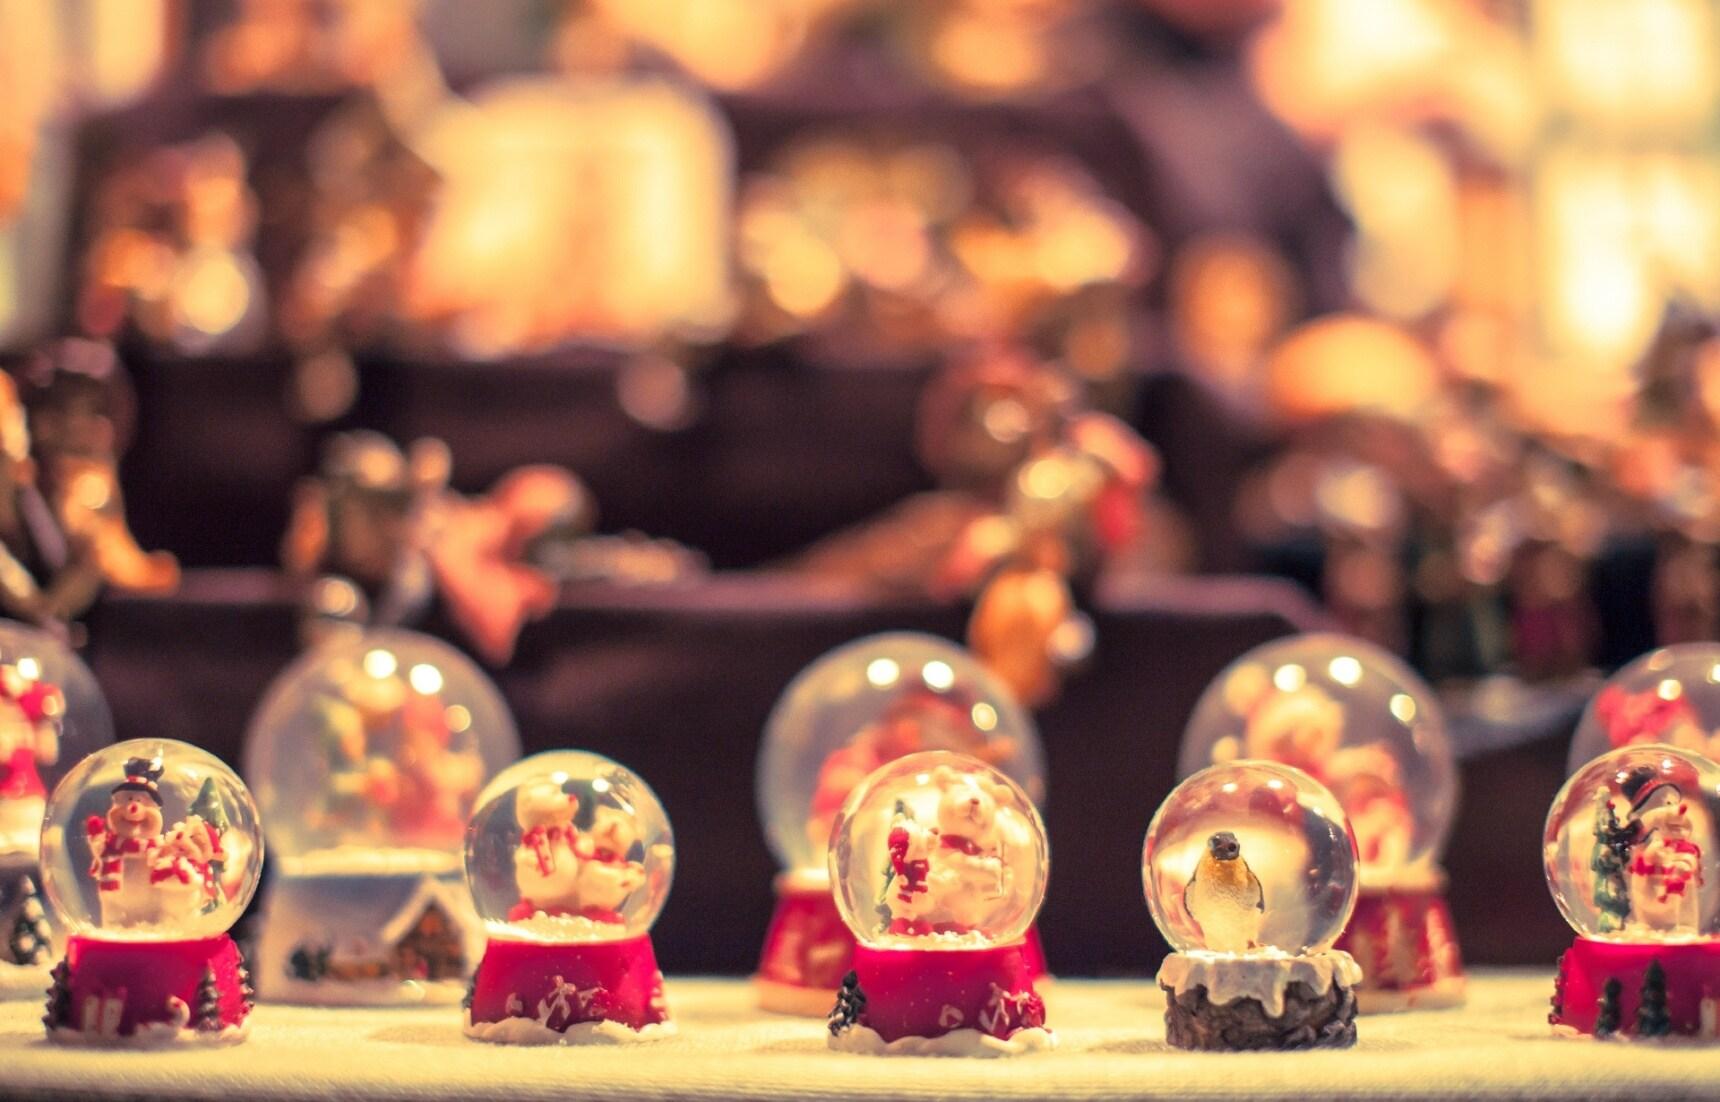 5 กิจกรรมของคนโสดญี่ปุ่นในวันคริสต์มาสอีฟ